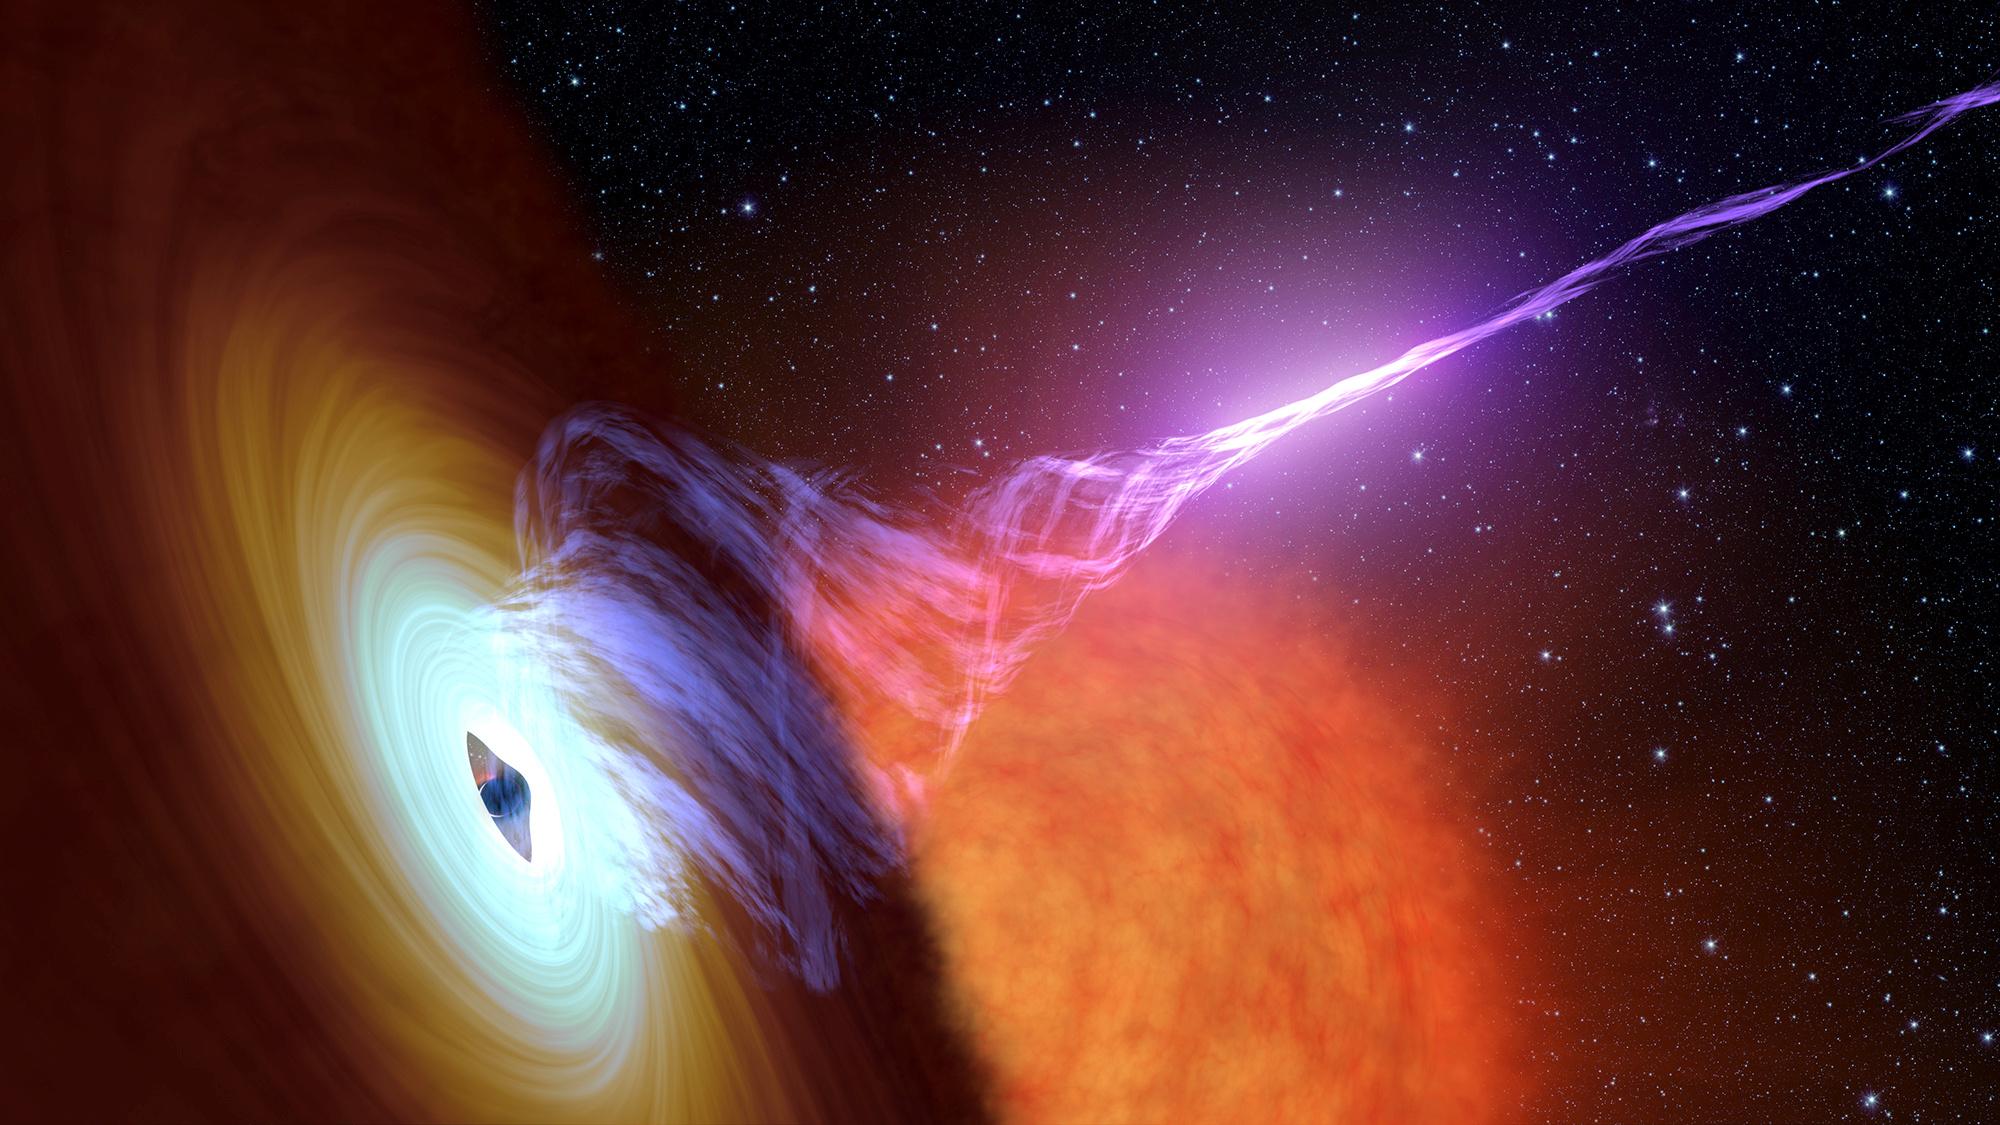 Découvrez la première image d'un trou noir en direct